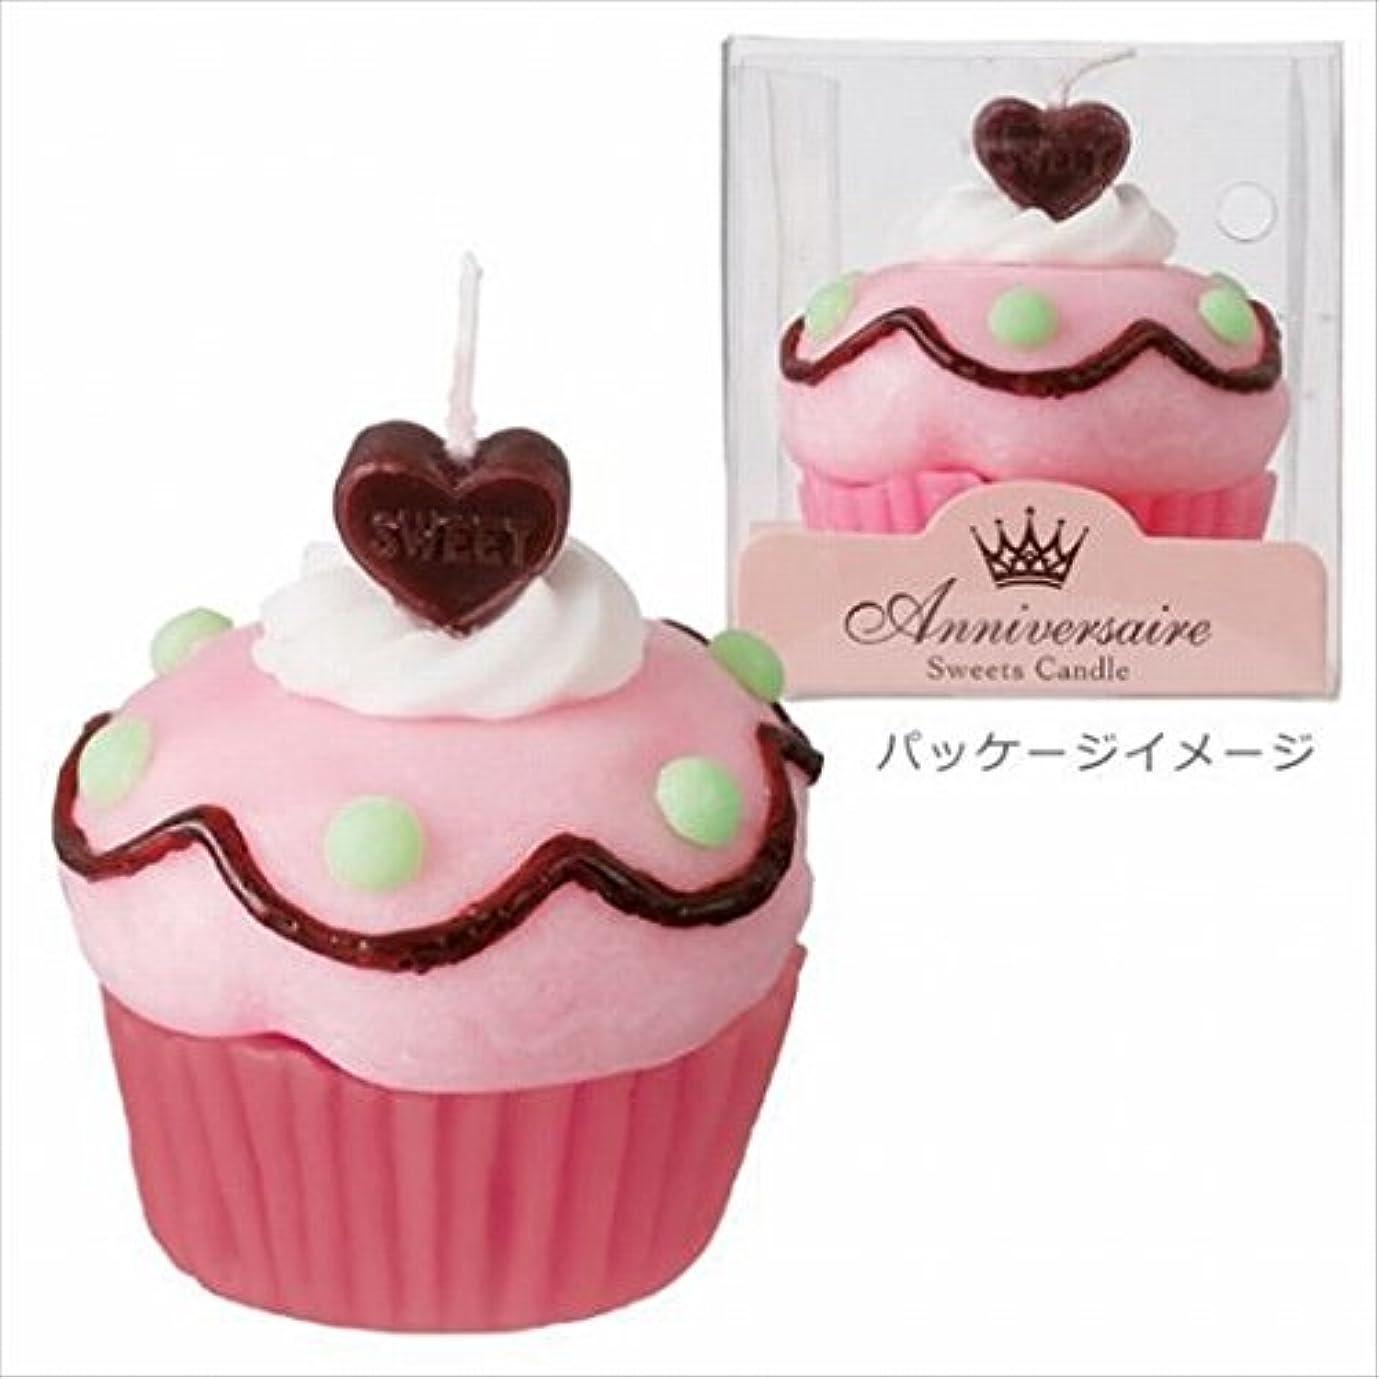 持つ七時半旅行代理店カメヤマキャンドル( kameyama candle ) カップケーキキャンドル 「 チェリードット 」